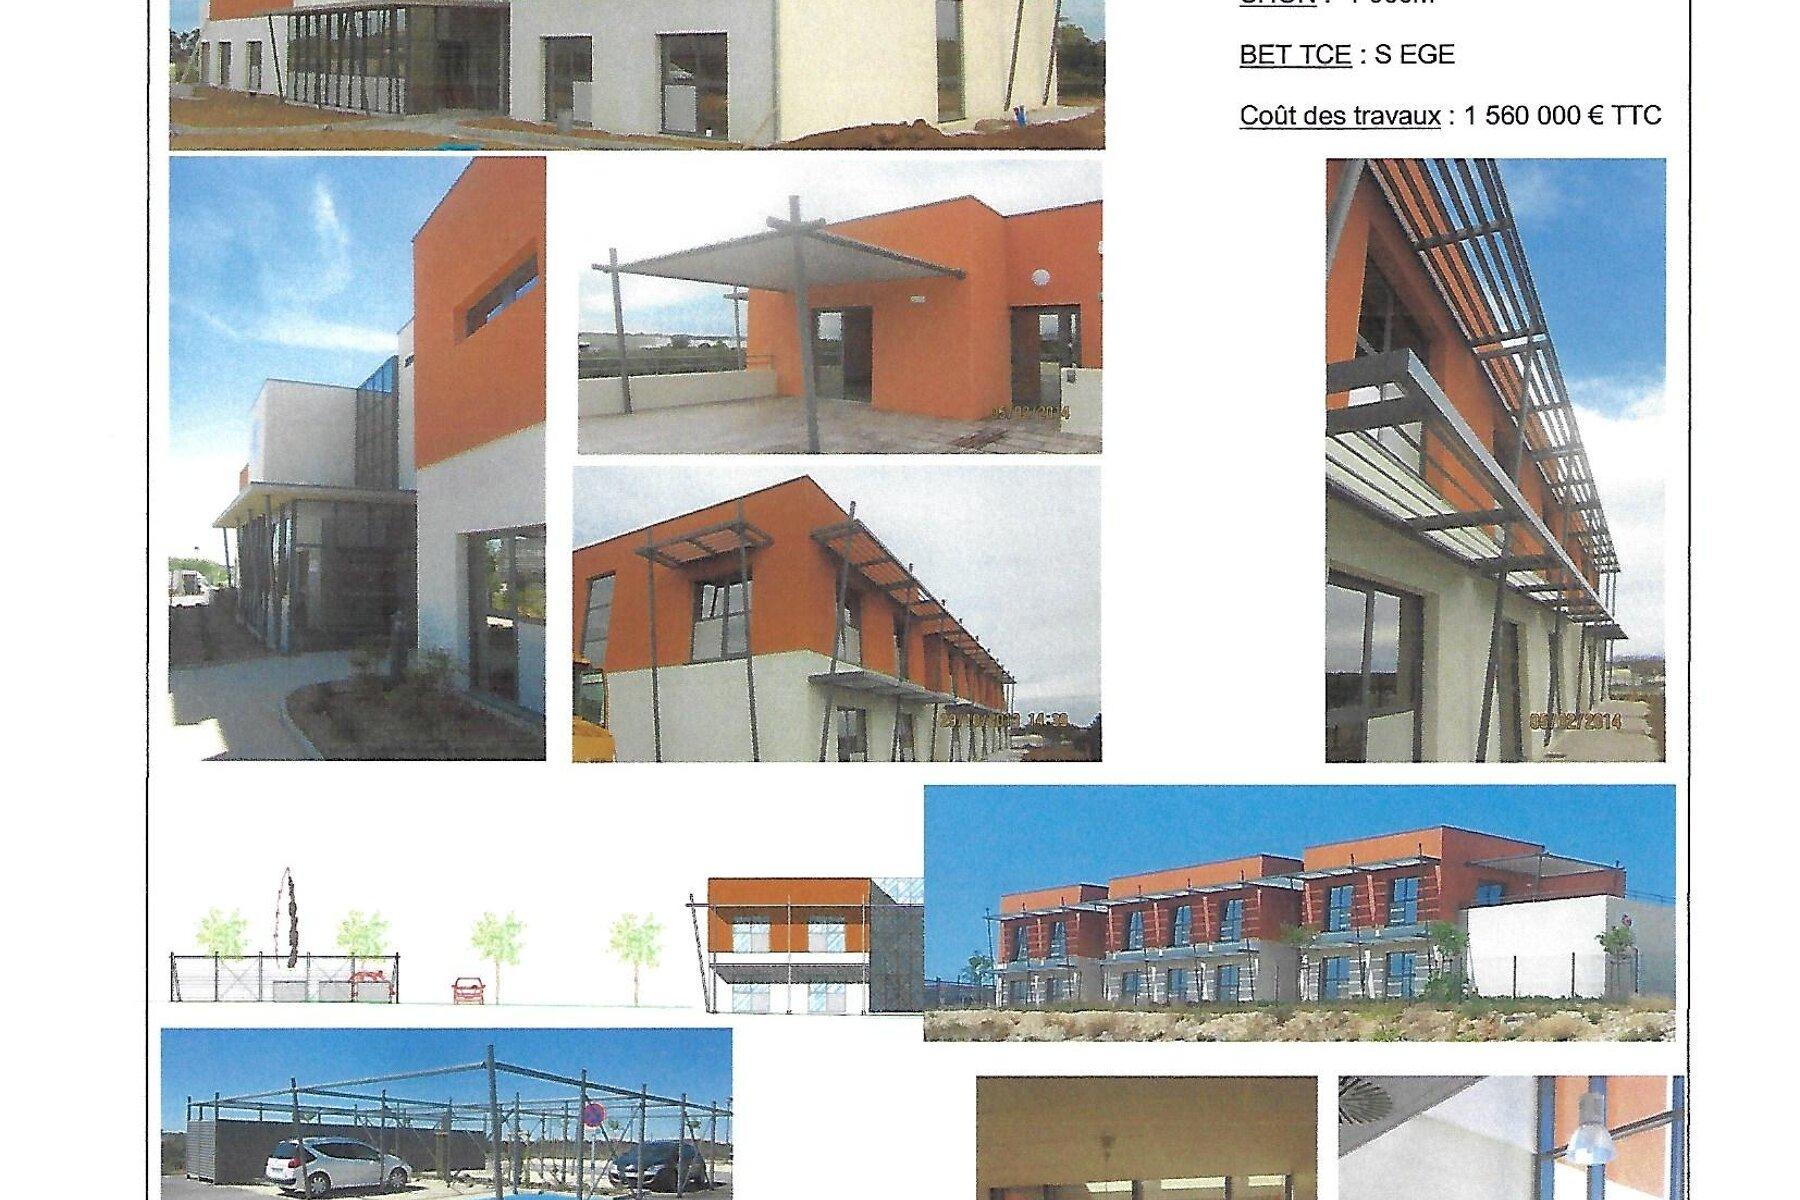 Couverture de architecte dplg, urbaniste